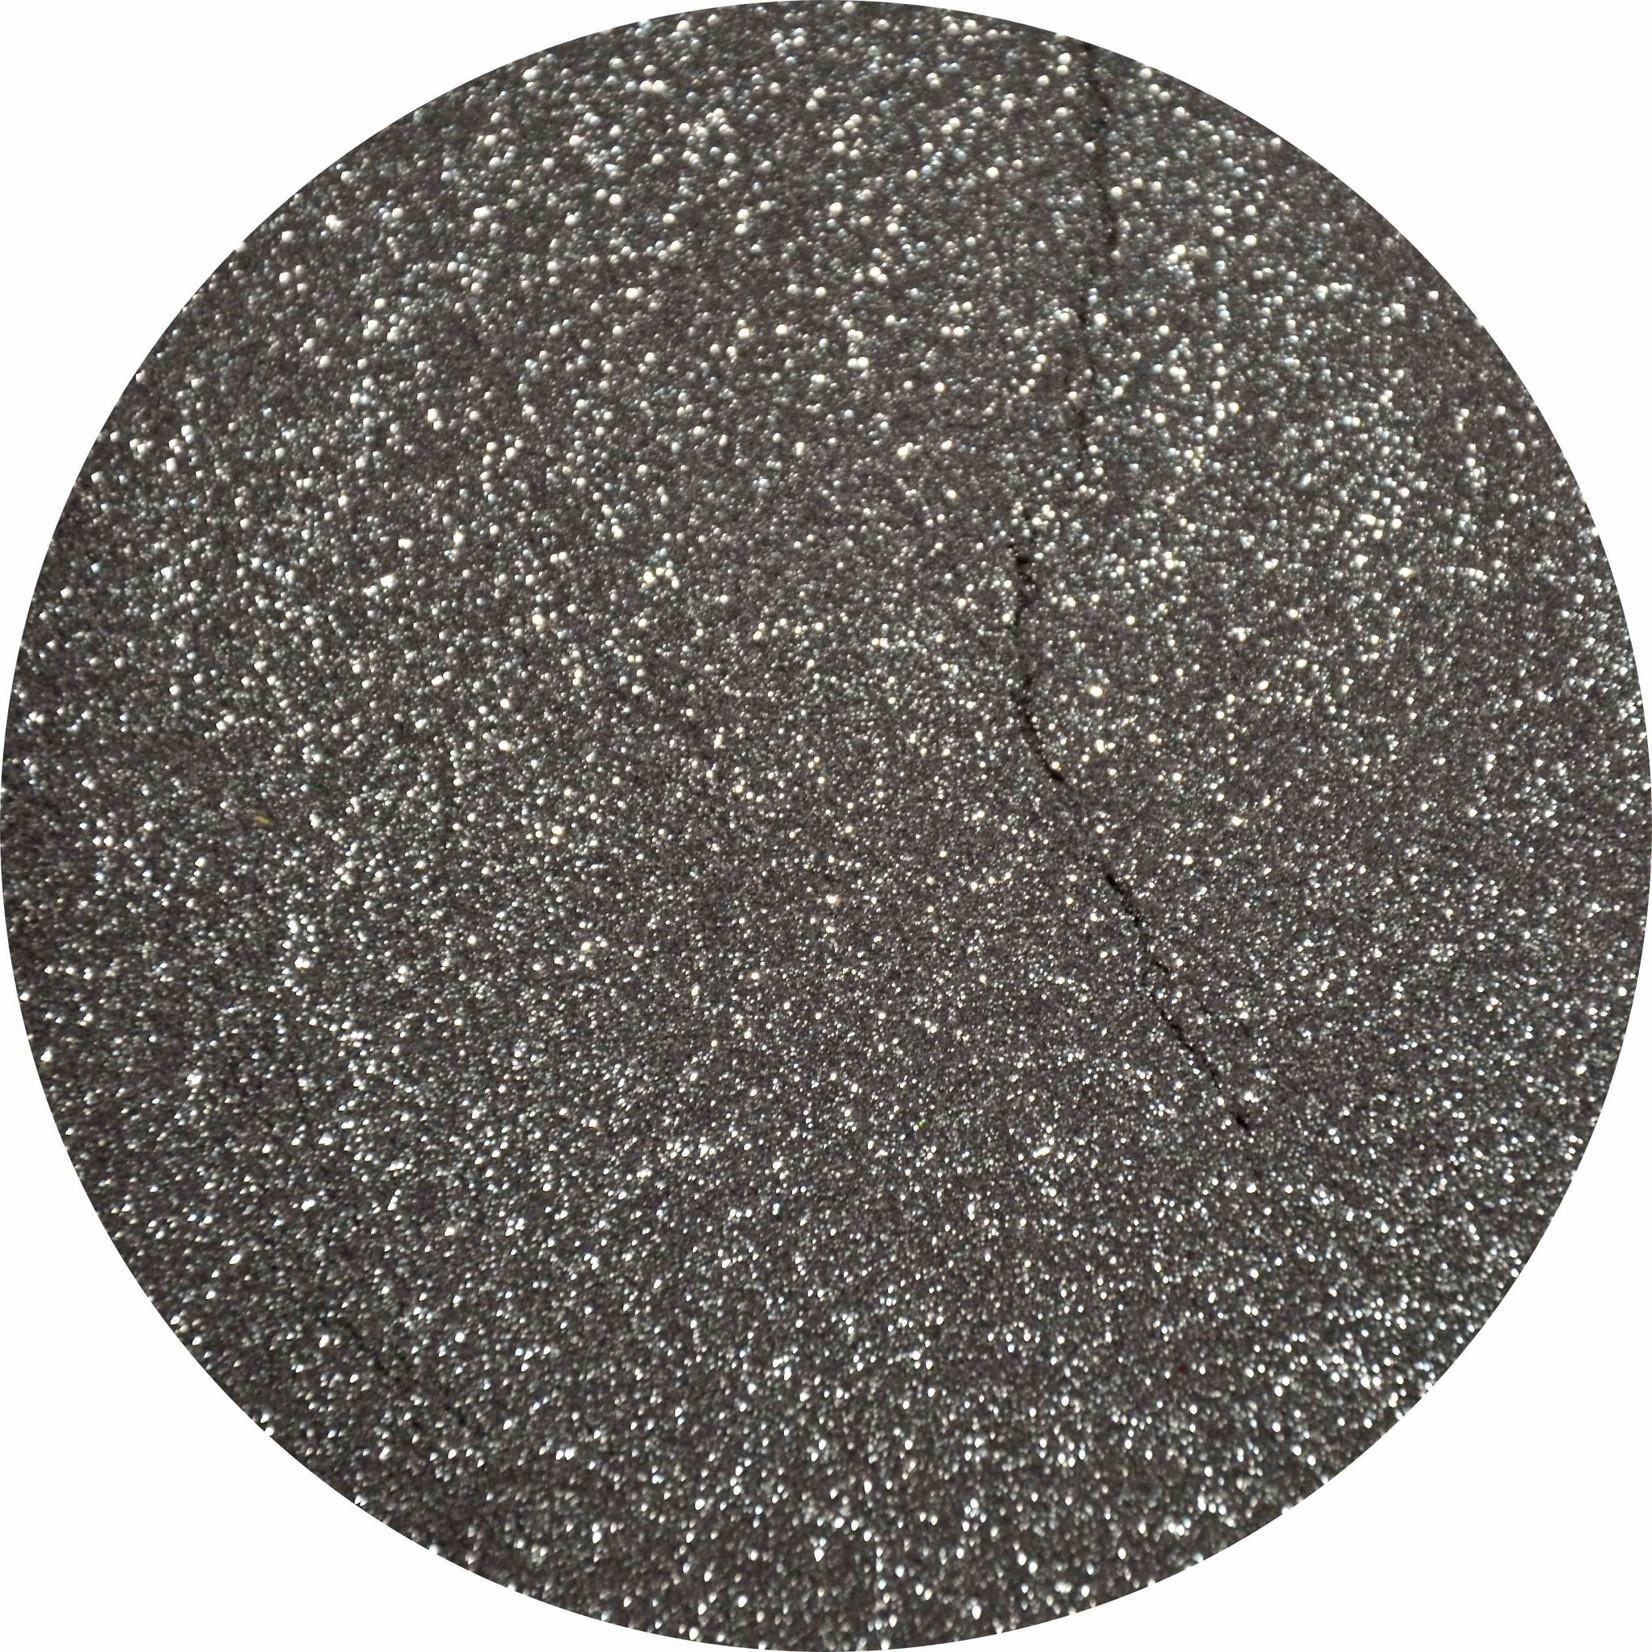 Urban Nails Glitter Dust 58